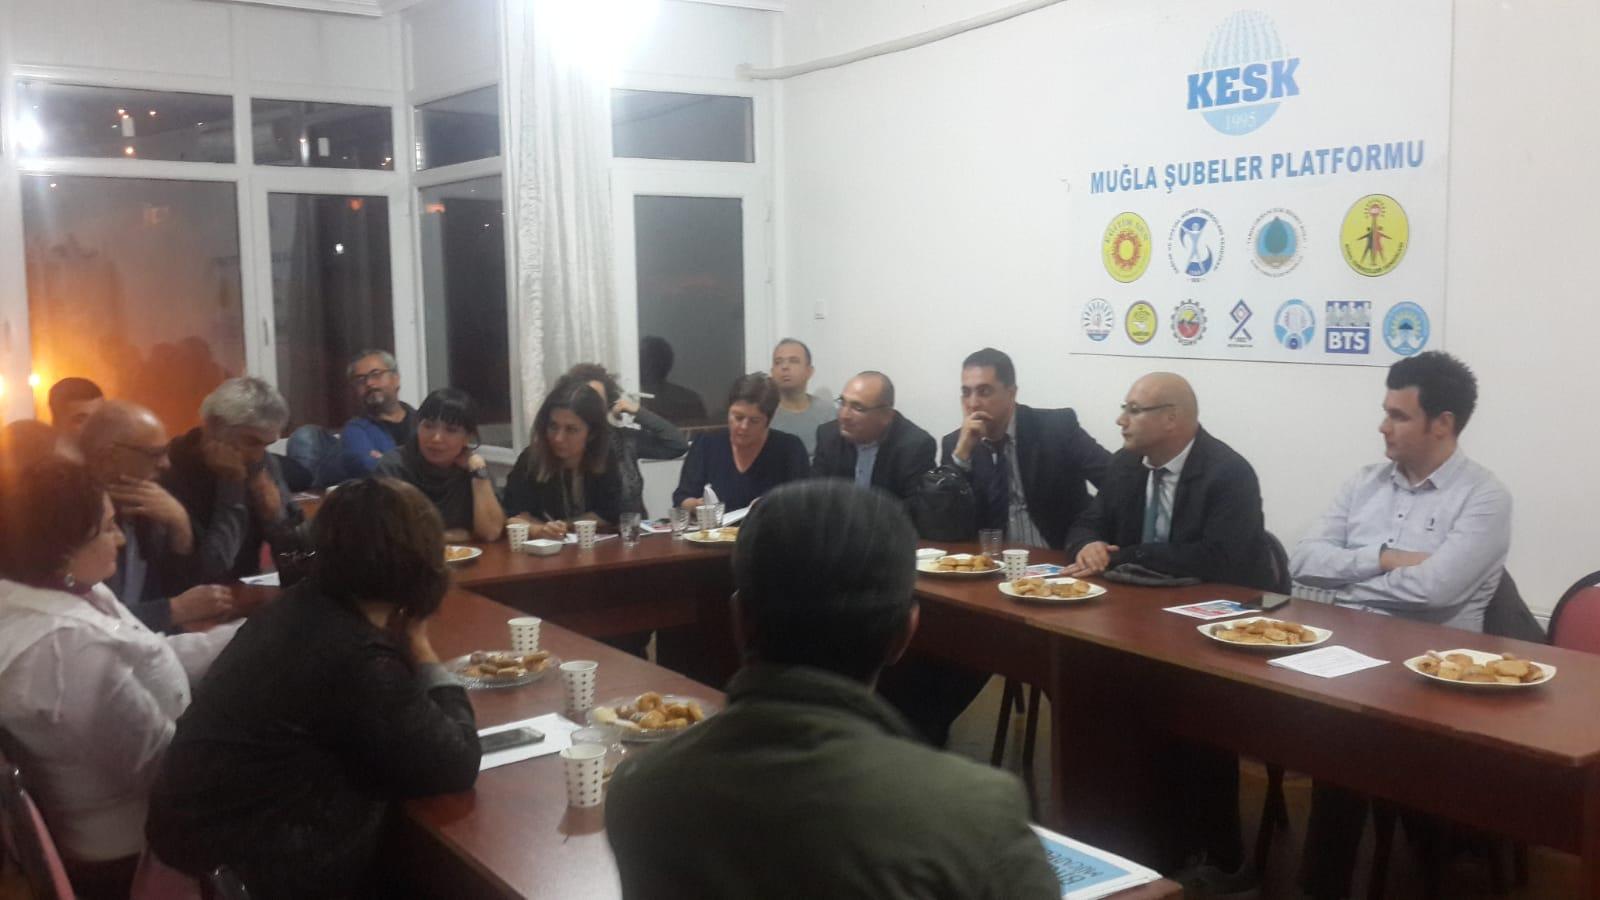 KESK'liler Muğla'da Emek Demokrasi Güçleriyle 17 Kasım İzmir Bölge Mitingini Değerlendirdi